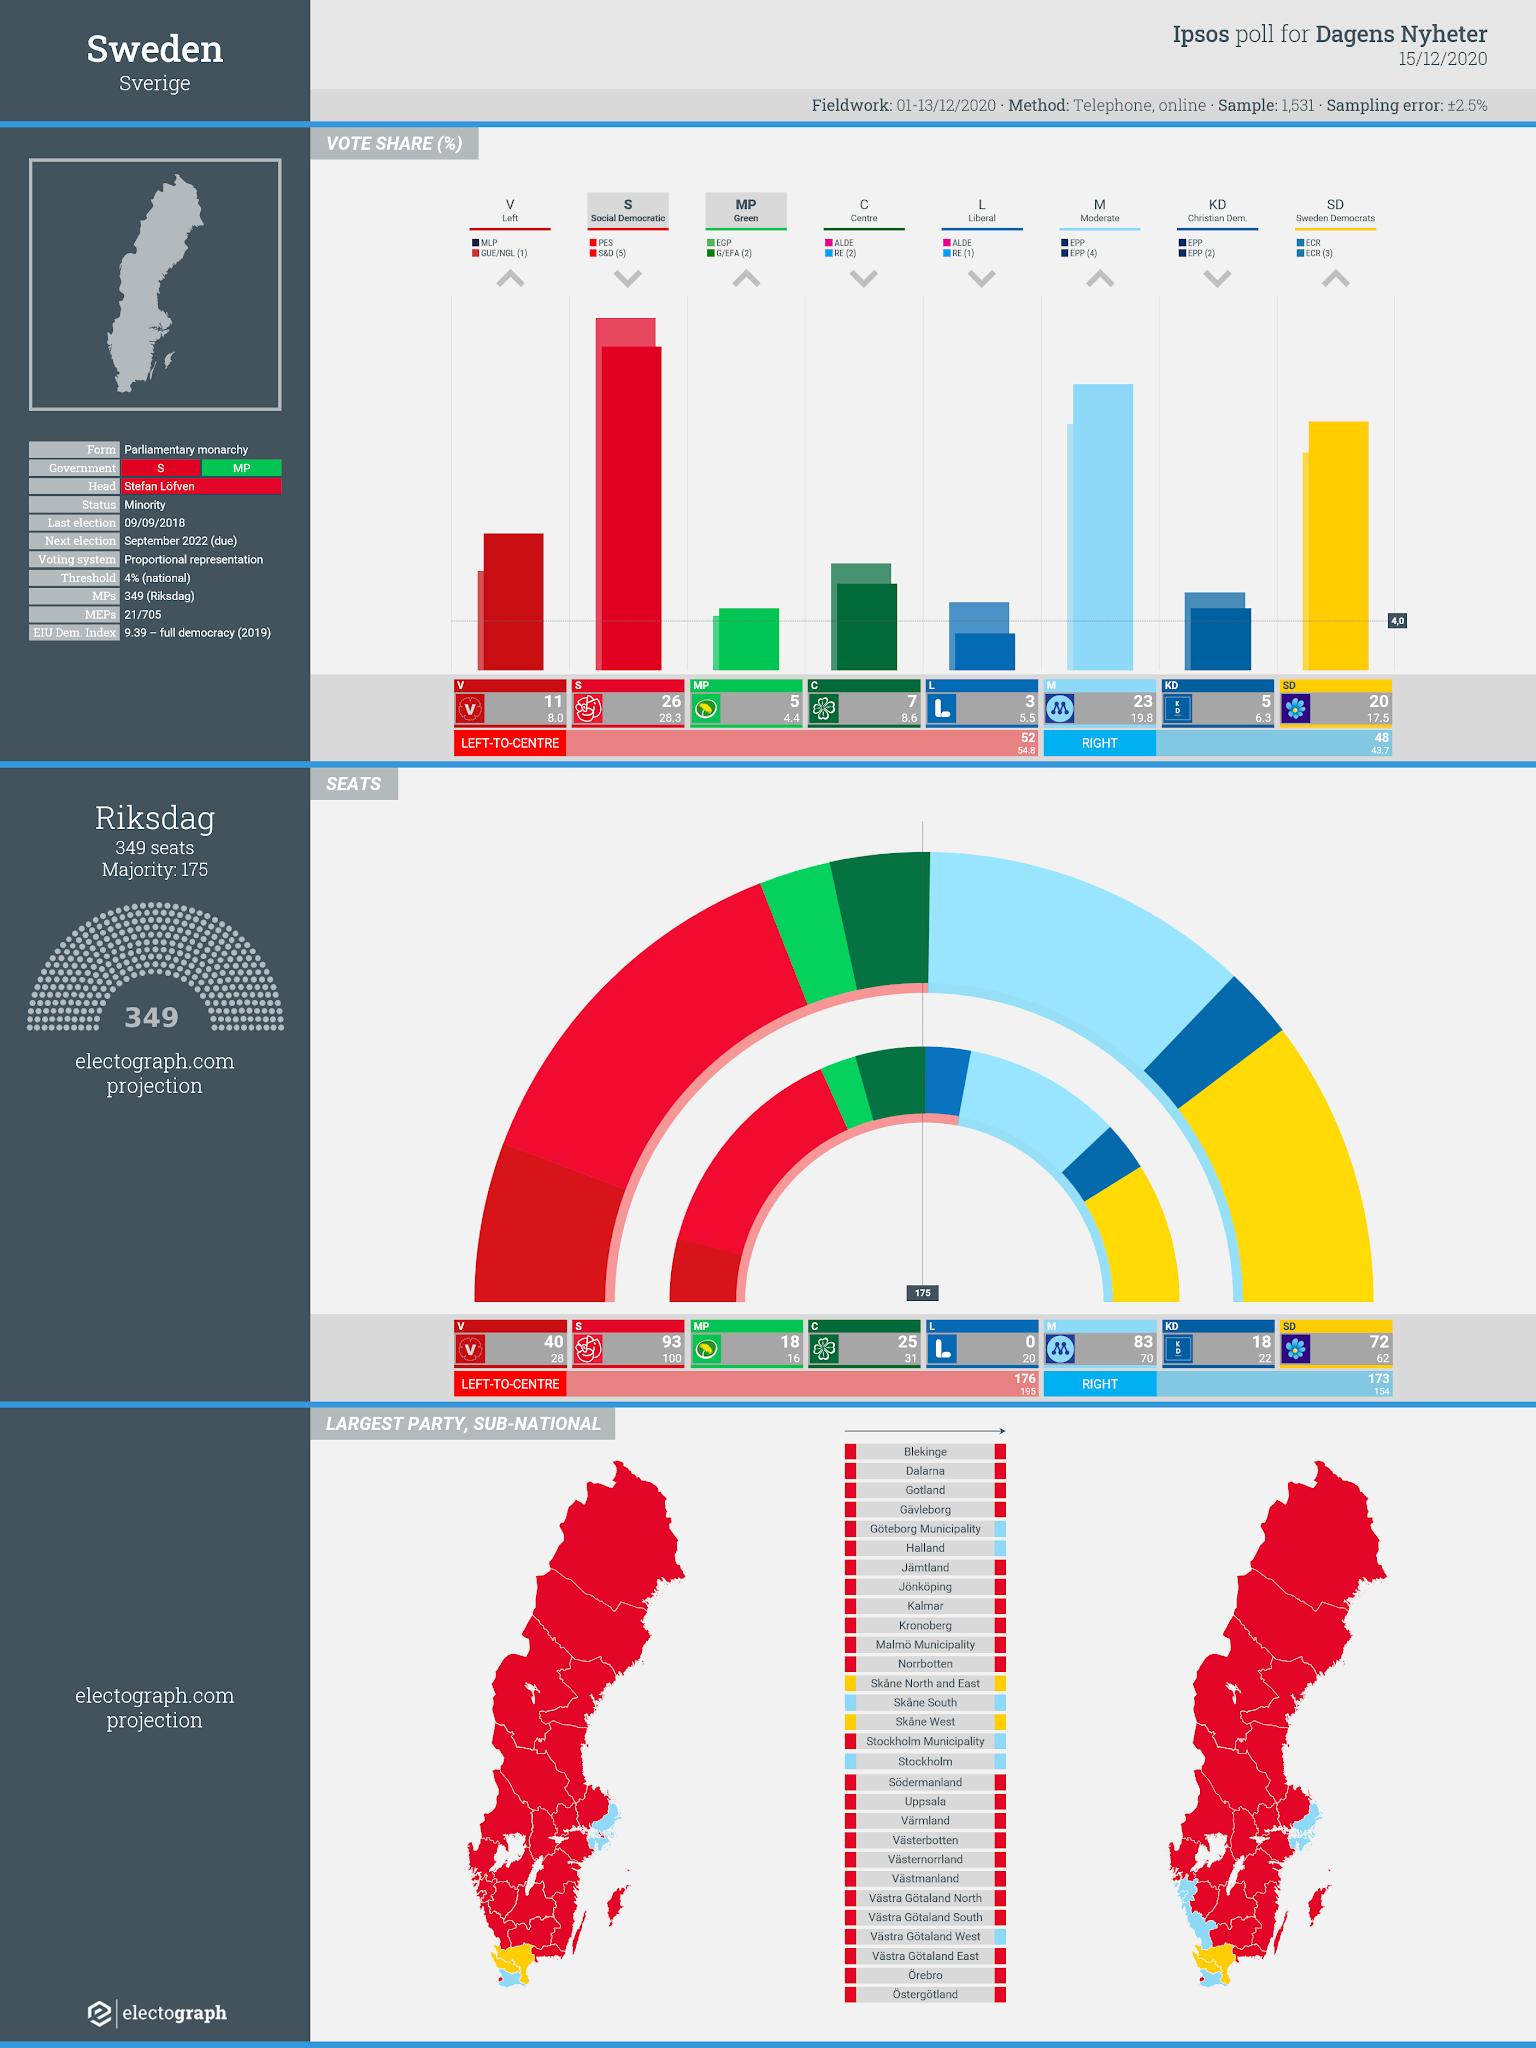 SWEDEN: Ipsos poll chart for Dagens Nyheter, 15 December 2020